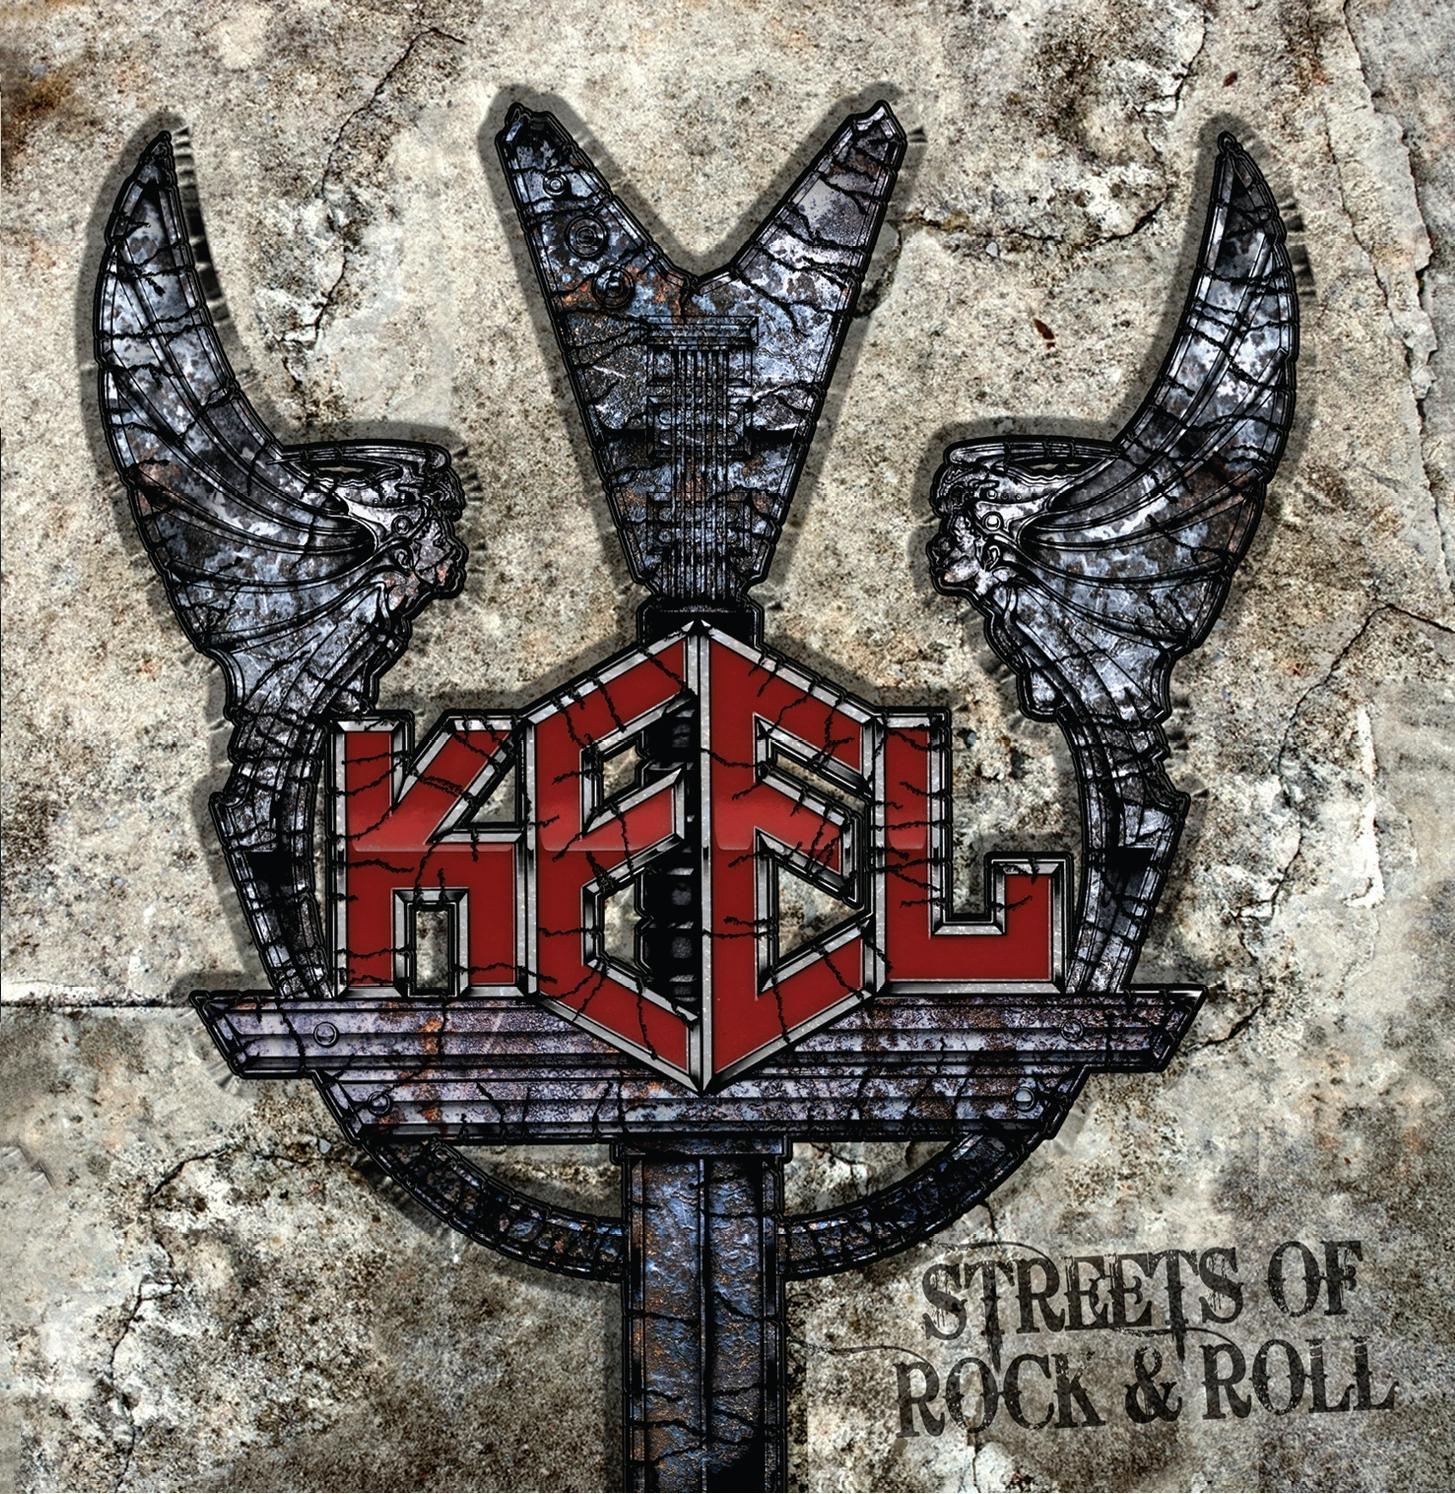 Streets Of Rock N Roll.jpg